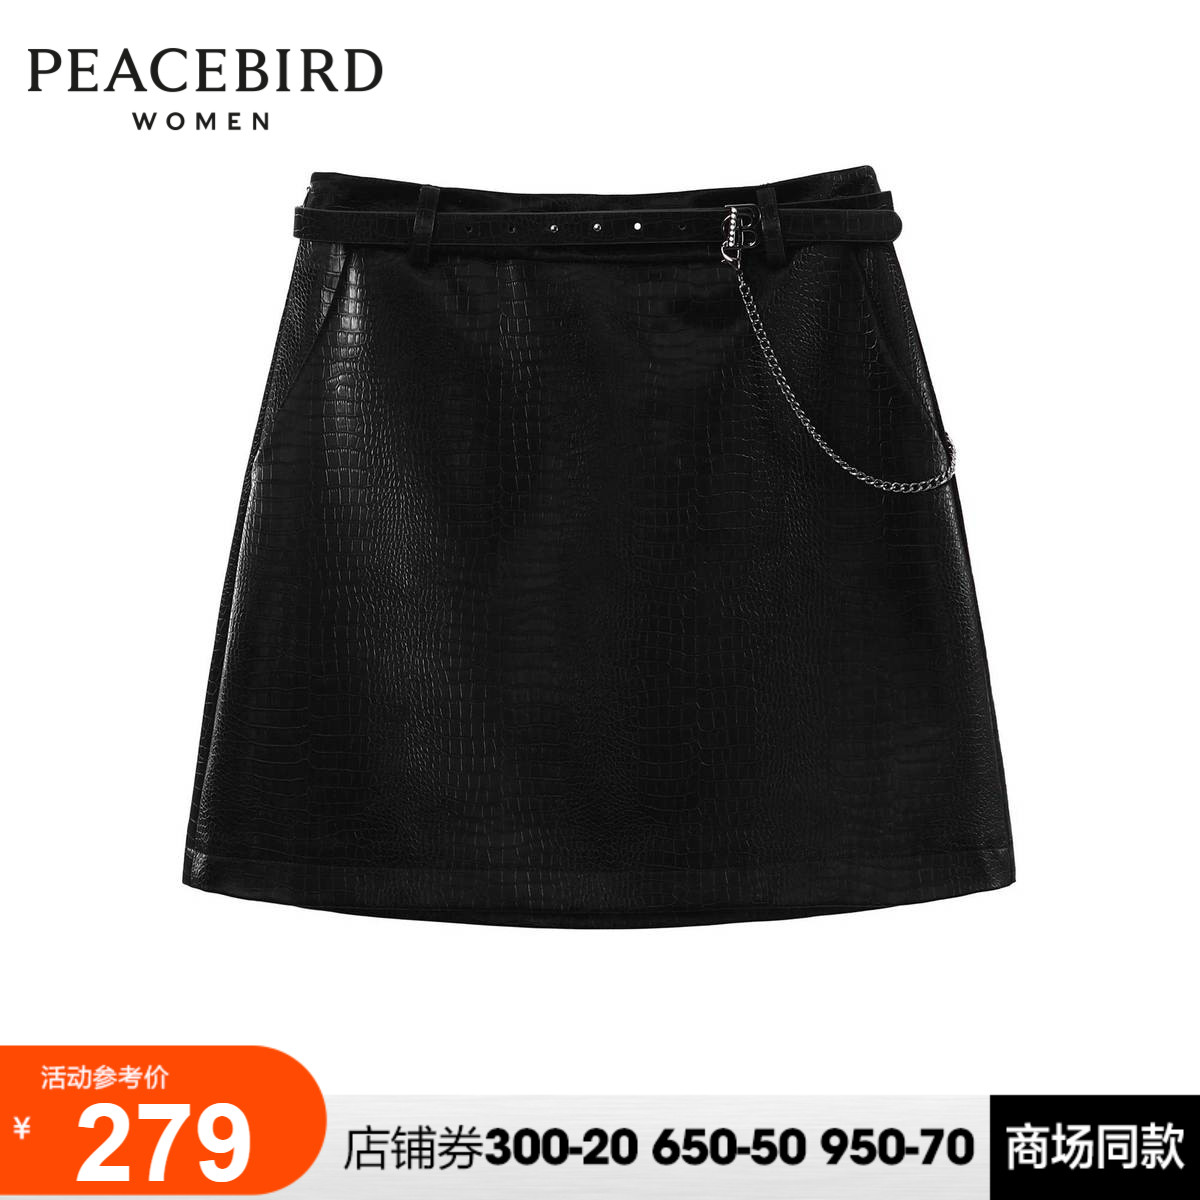 太平鸟黑色PU短裙半身裙女2020秋季新款韩风气质短裙 m